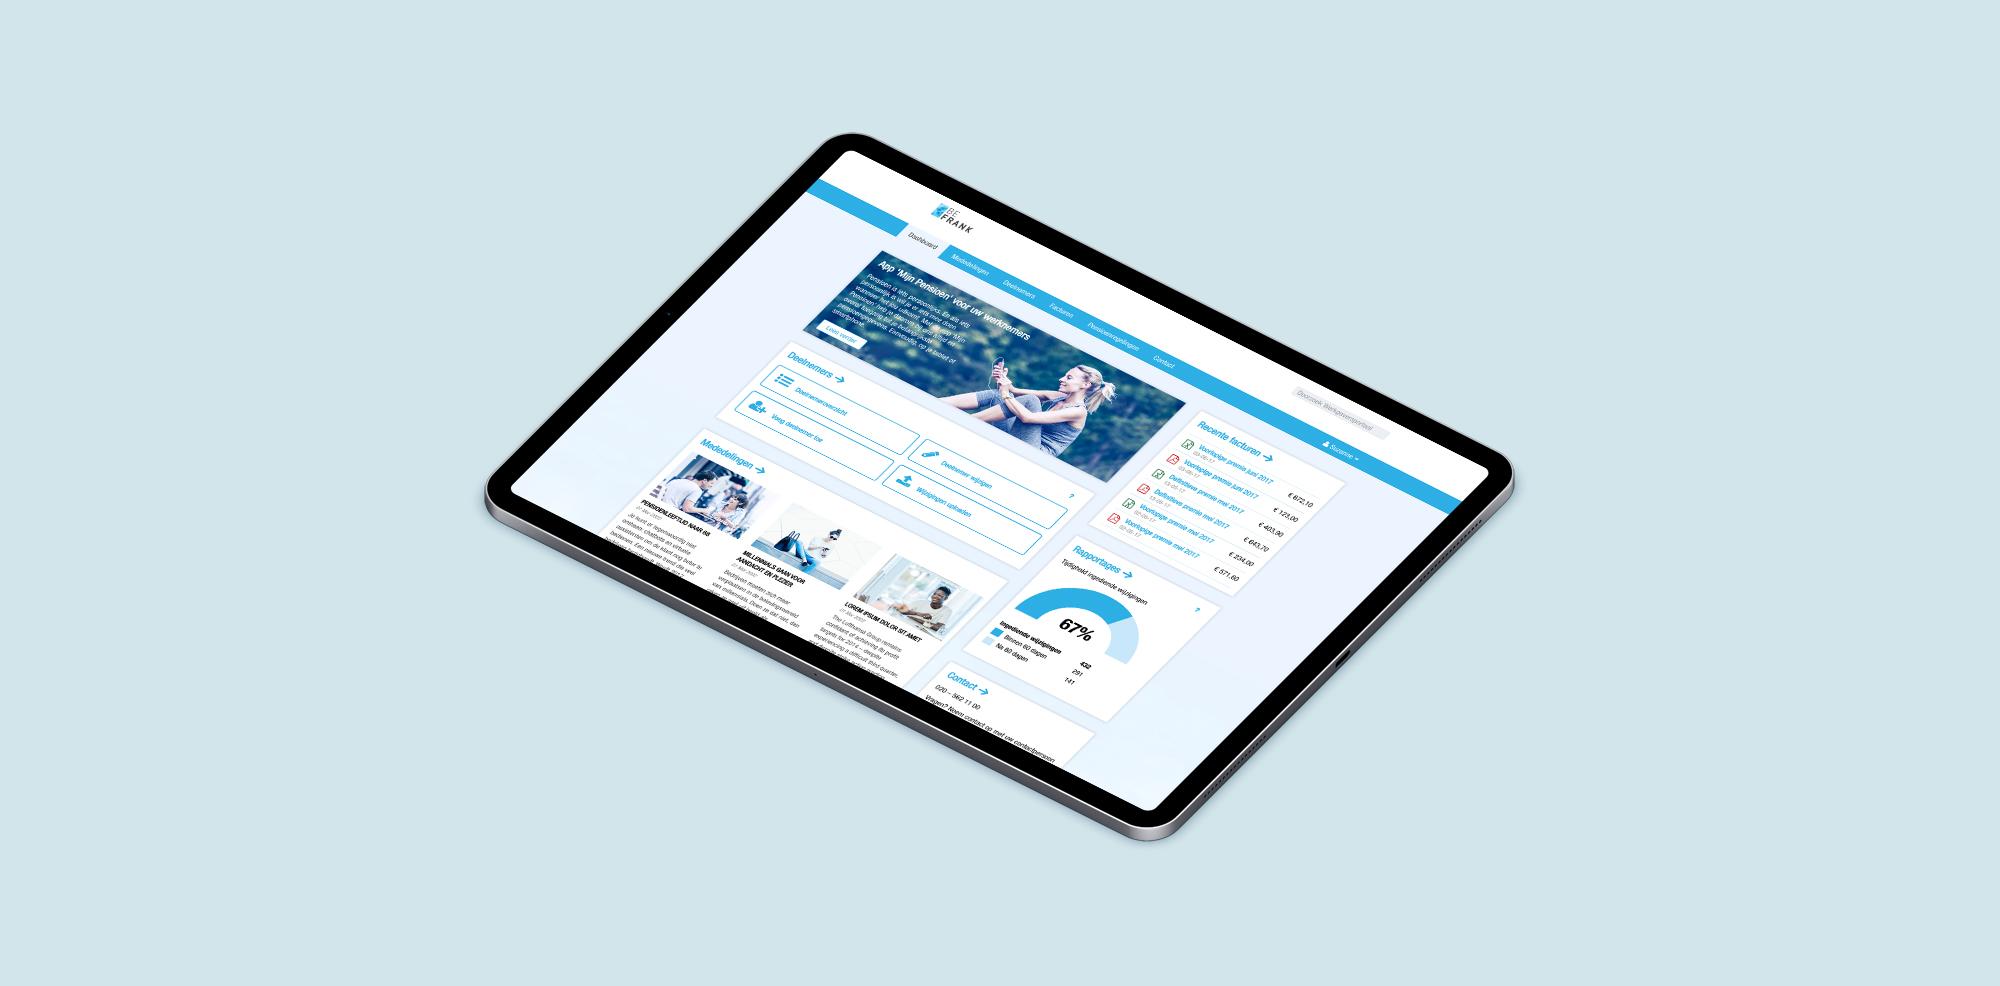 Een tablet met ons ontwerp van het nieuwe pensioenportaal